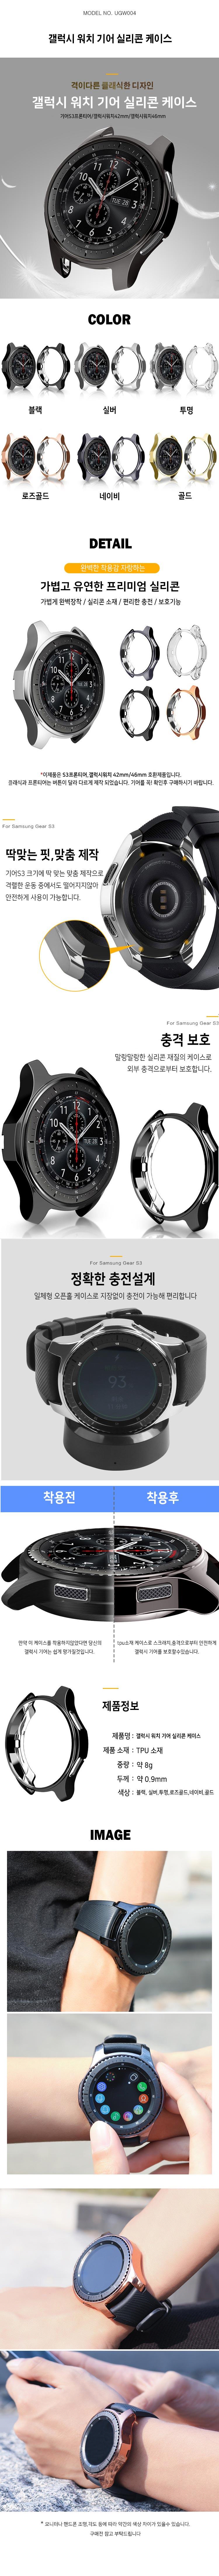 갤럭시 기어S3 워치 42mm 46mm 투명 실리콘 케이스 - 유니커블, 6,400원, 스마트워치/밴드, 스마트워치 주변기기